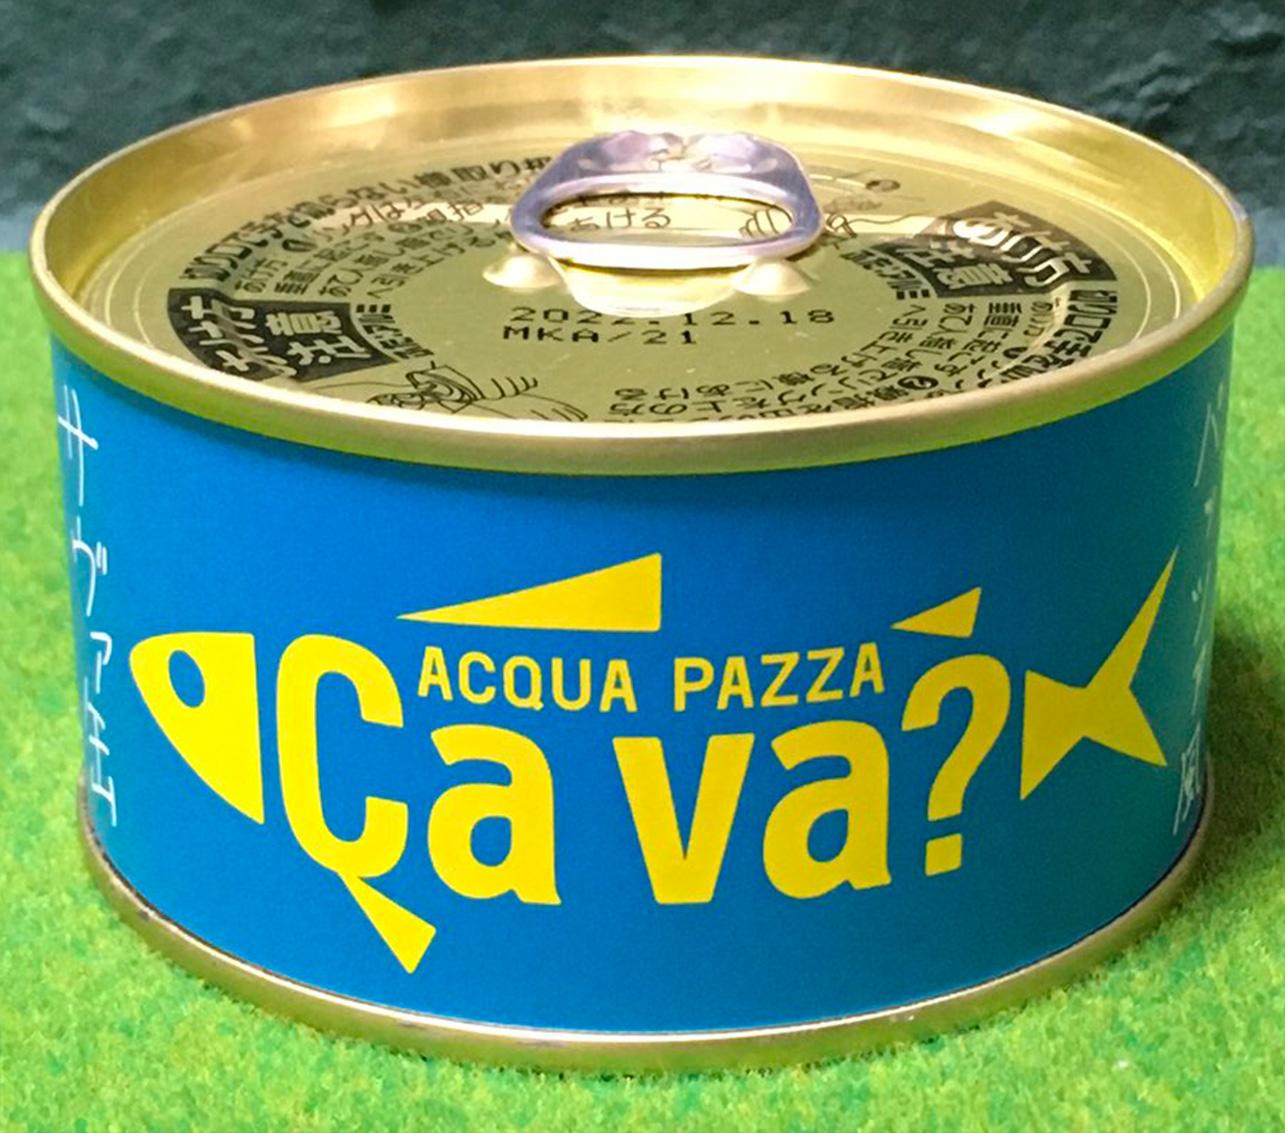 東の食の会「サヴァ缶 Ca va? 国産サバのアクアパッツァ風」